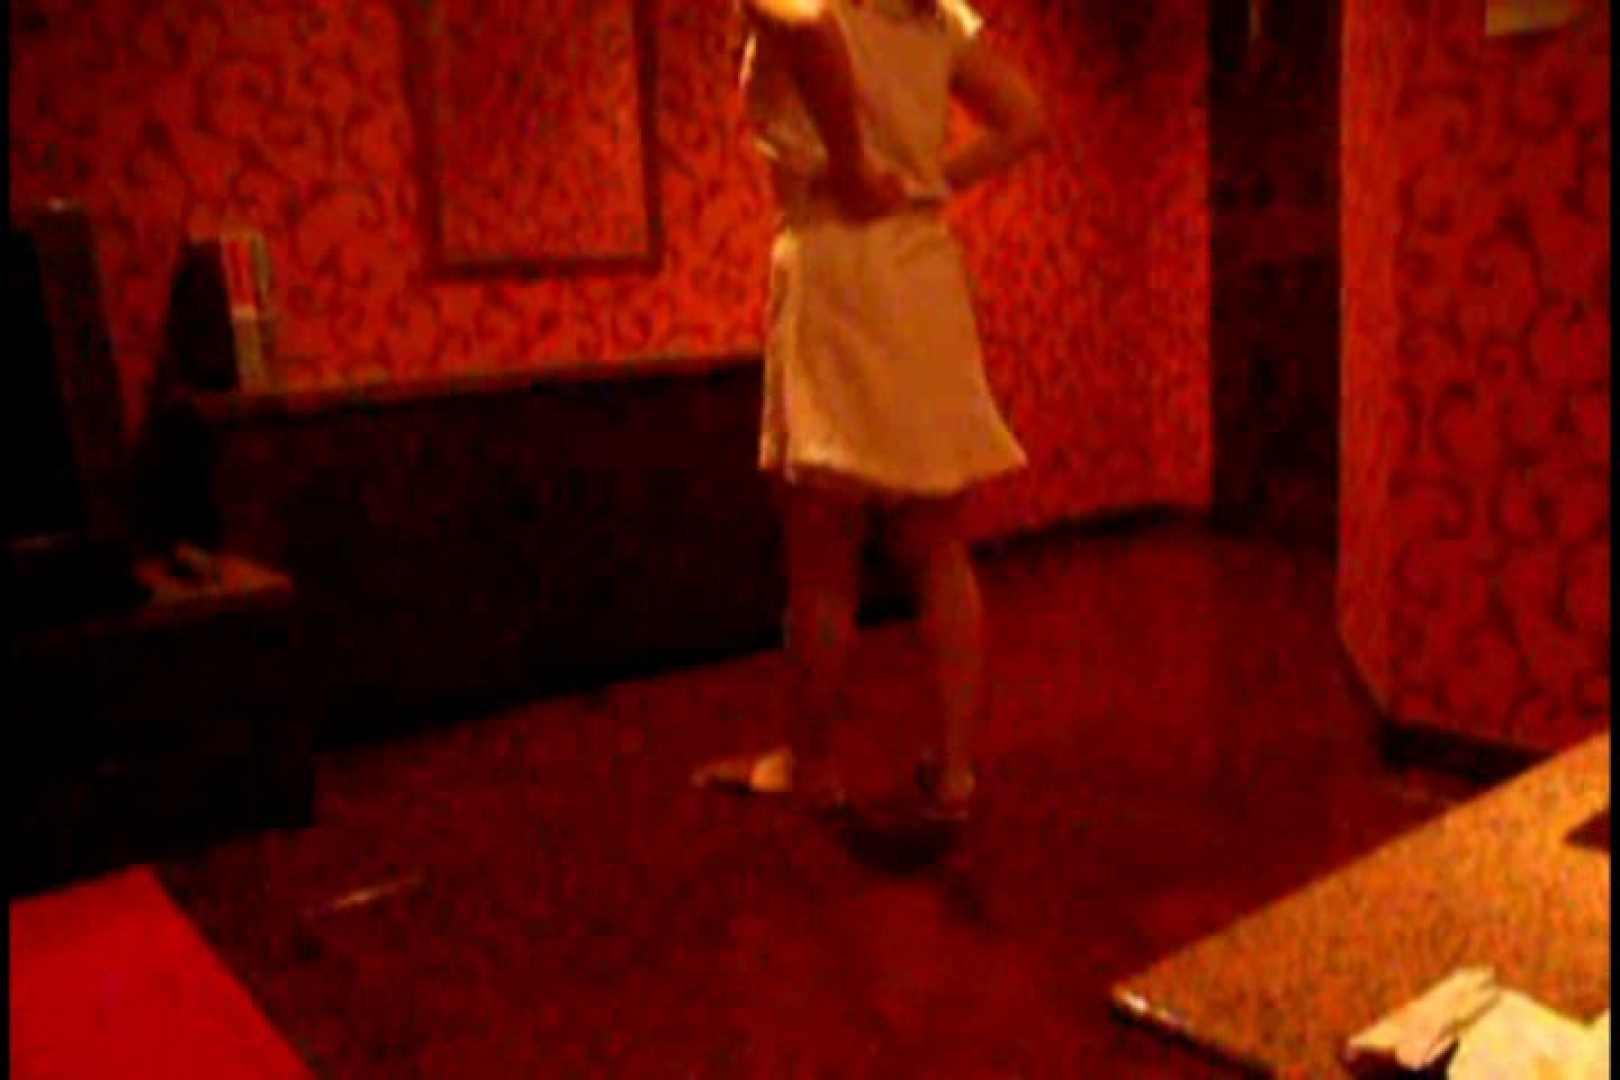 某掲示板に投稿された素人女性たちVOL.9 ホテル  85連発 17